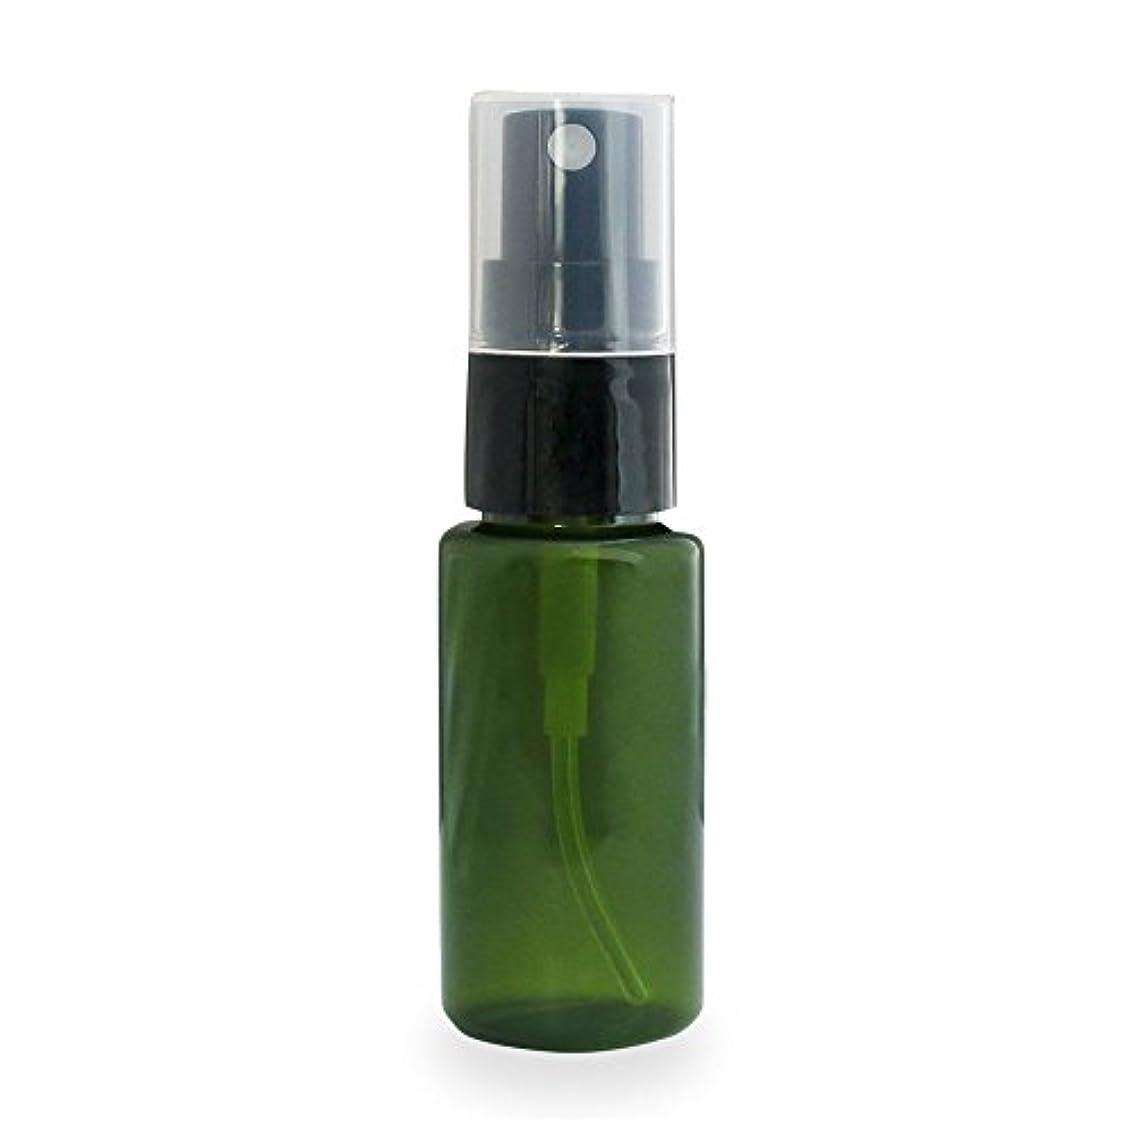 笑モートタイプライタースプレーボトル30ml(グリーン)(プラスチック容器 オイル用空瓶 プラスチック製-PET 空ボトル アロマスプレー)